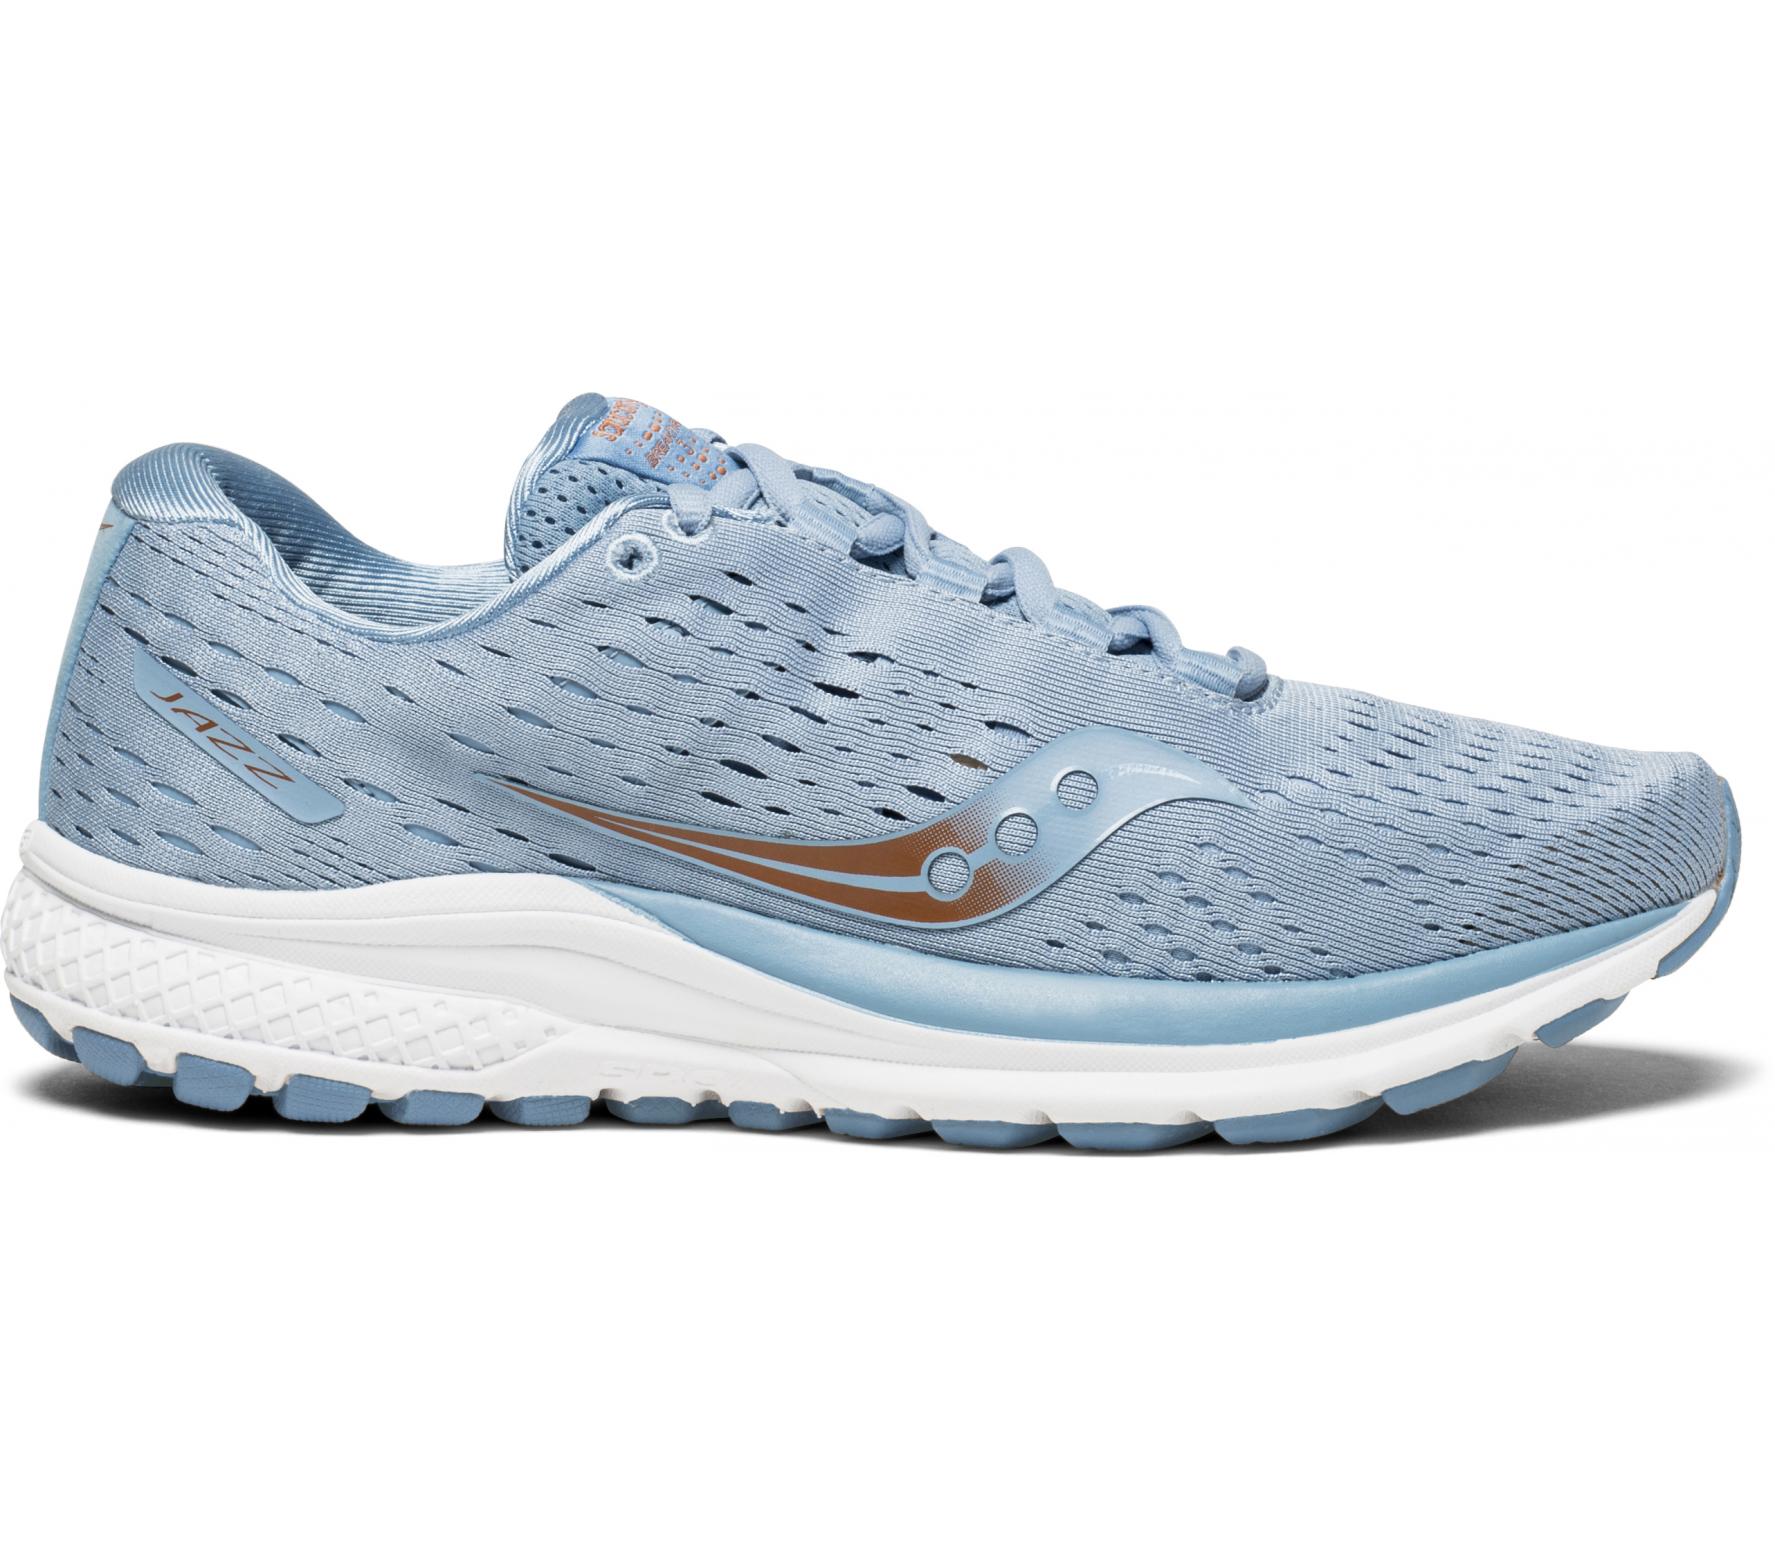 3c6778c9842 Saucony - Jazz 20 Mujer Zapatos para correr (azul) comprar en línea ...